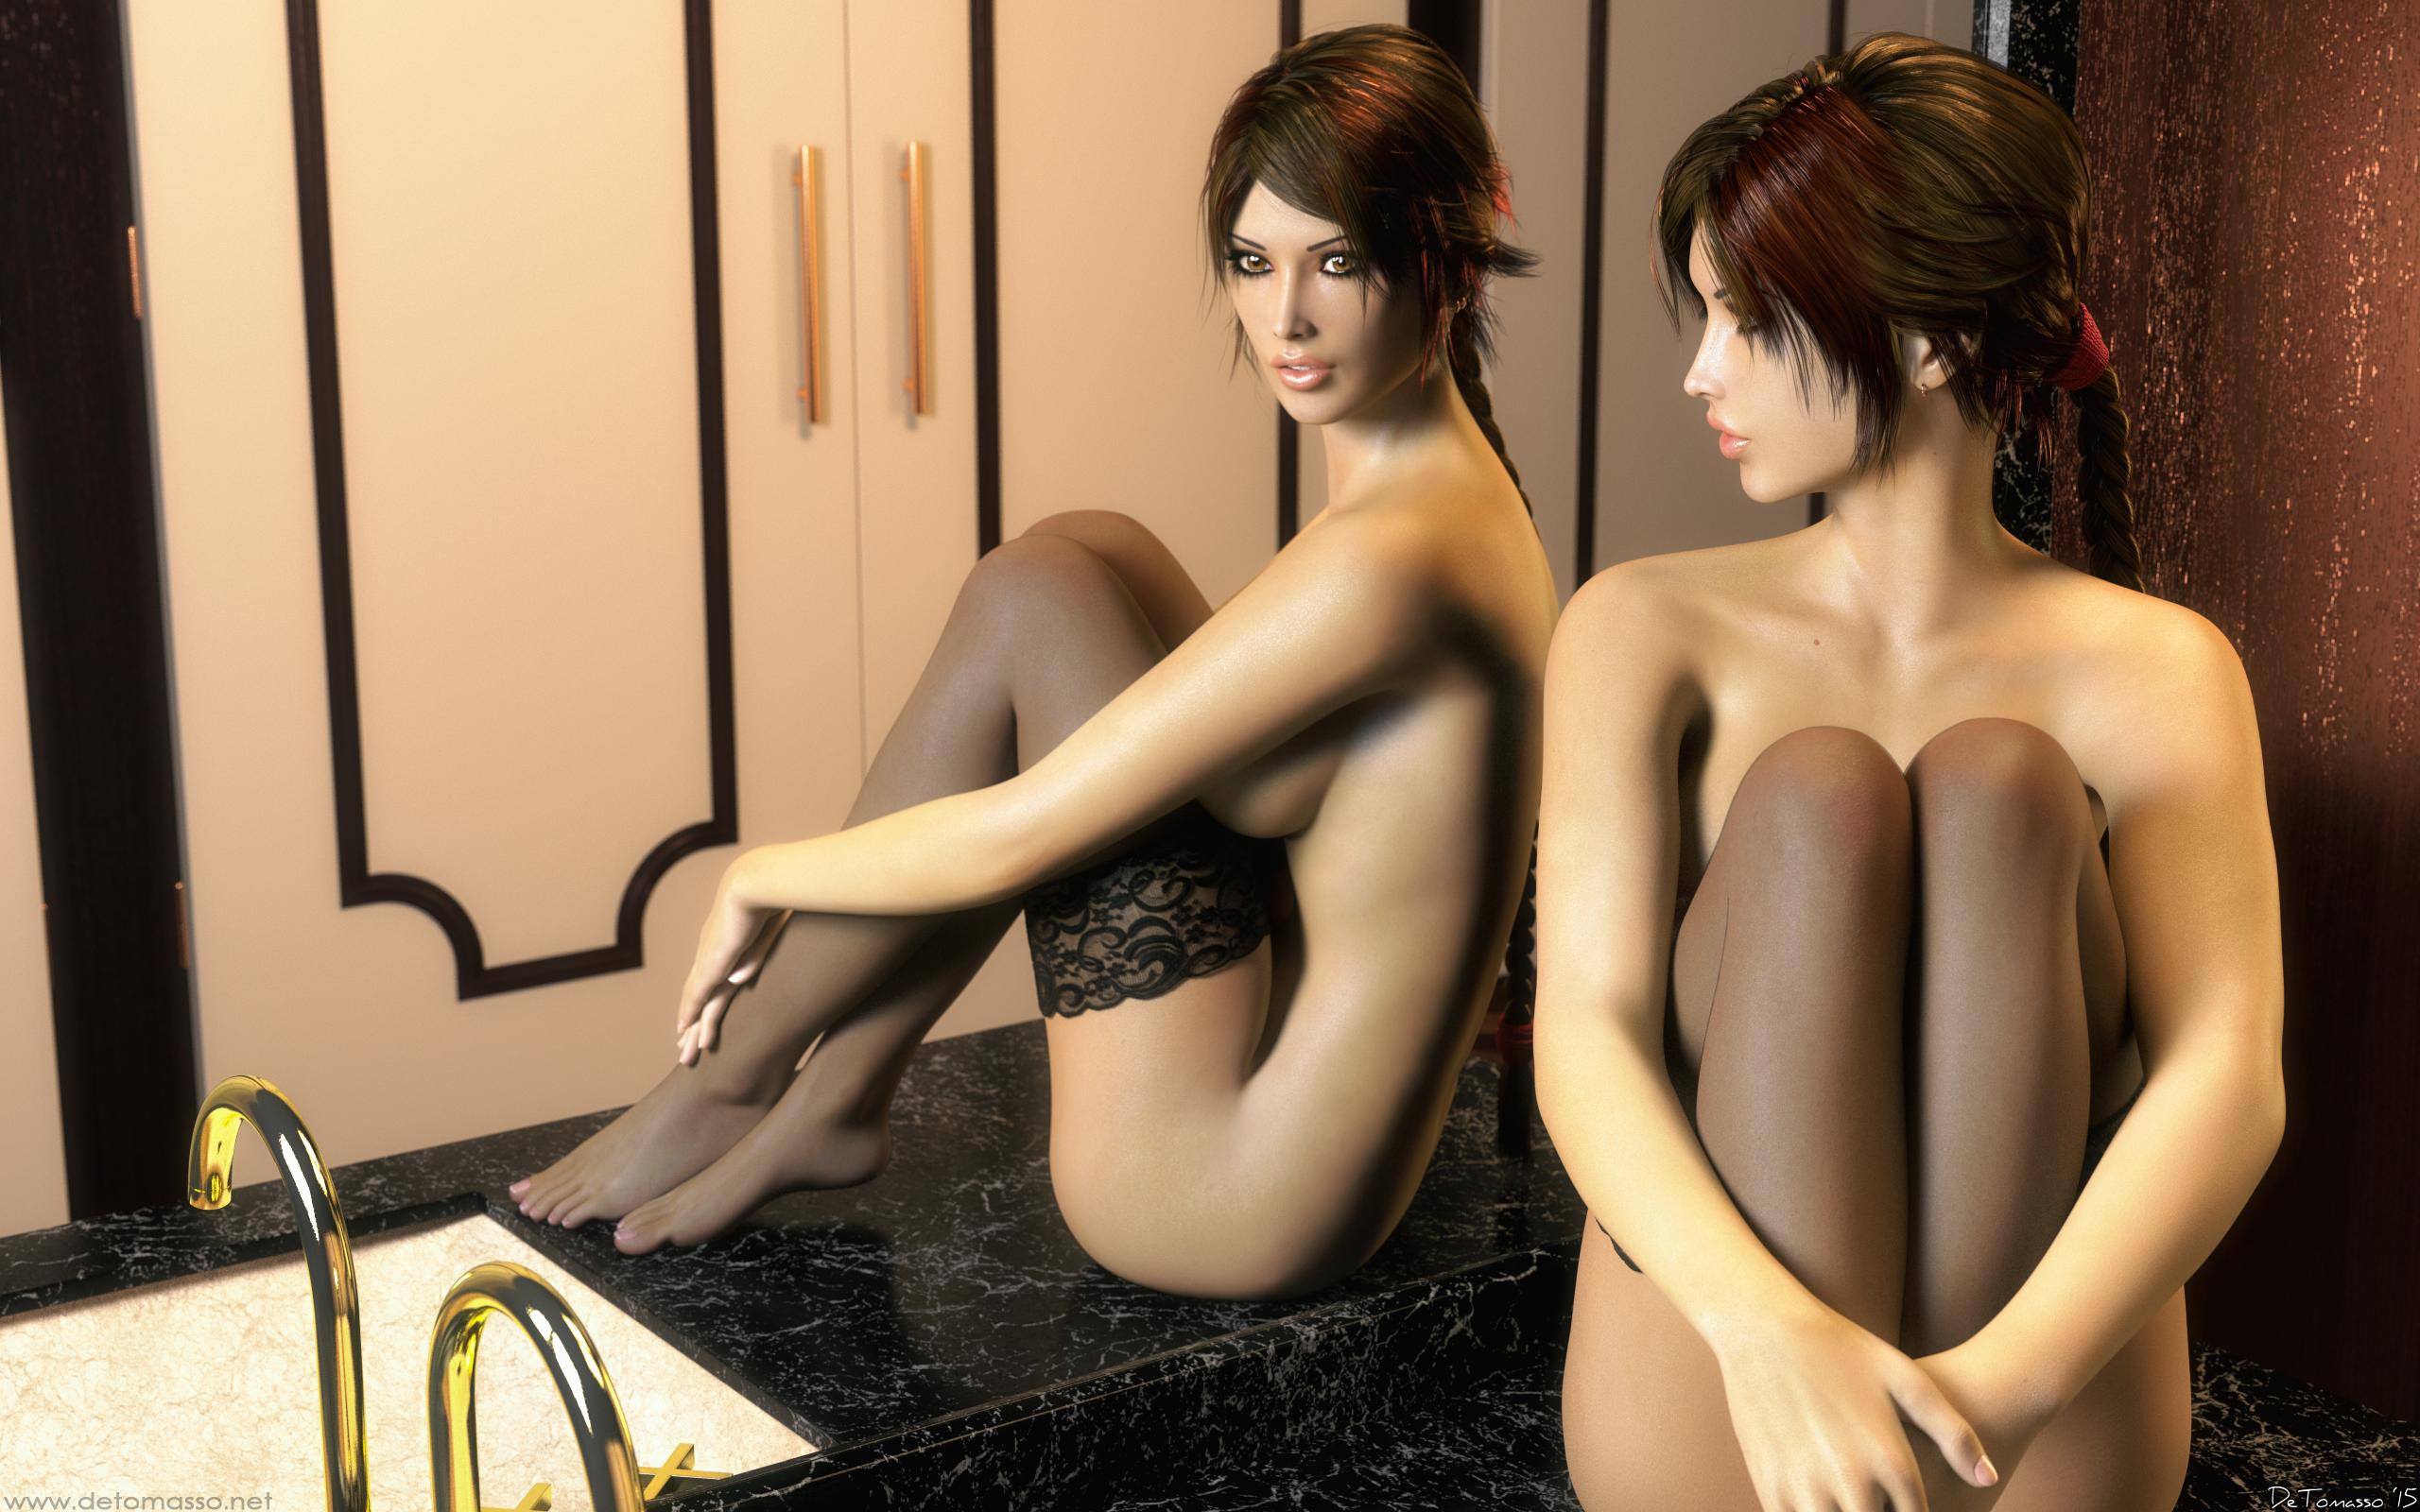 Lara croft 3d erotic sexy scenes